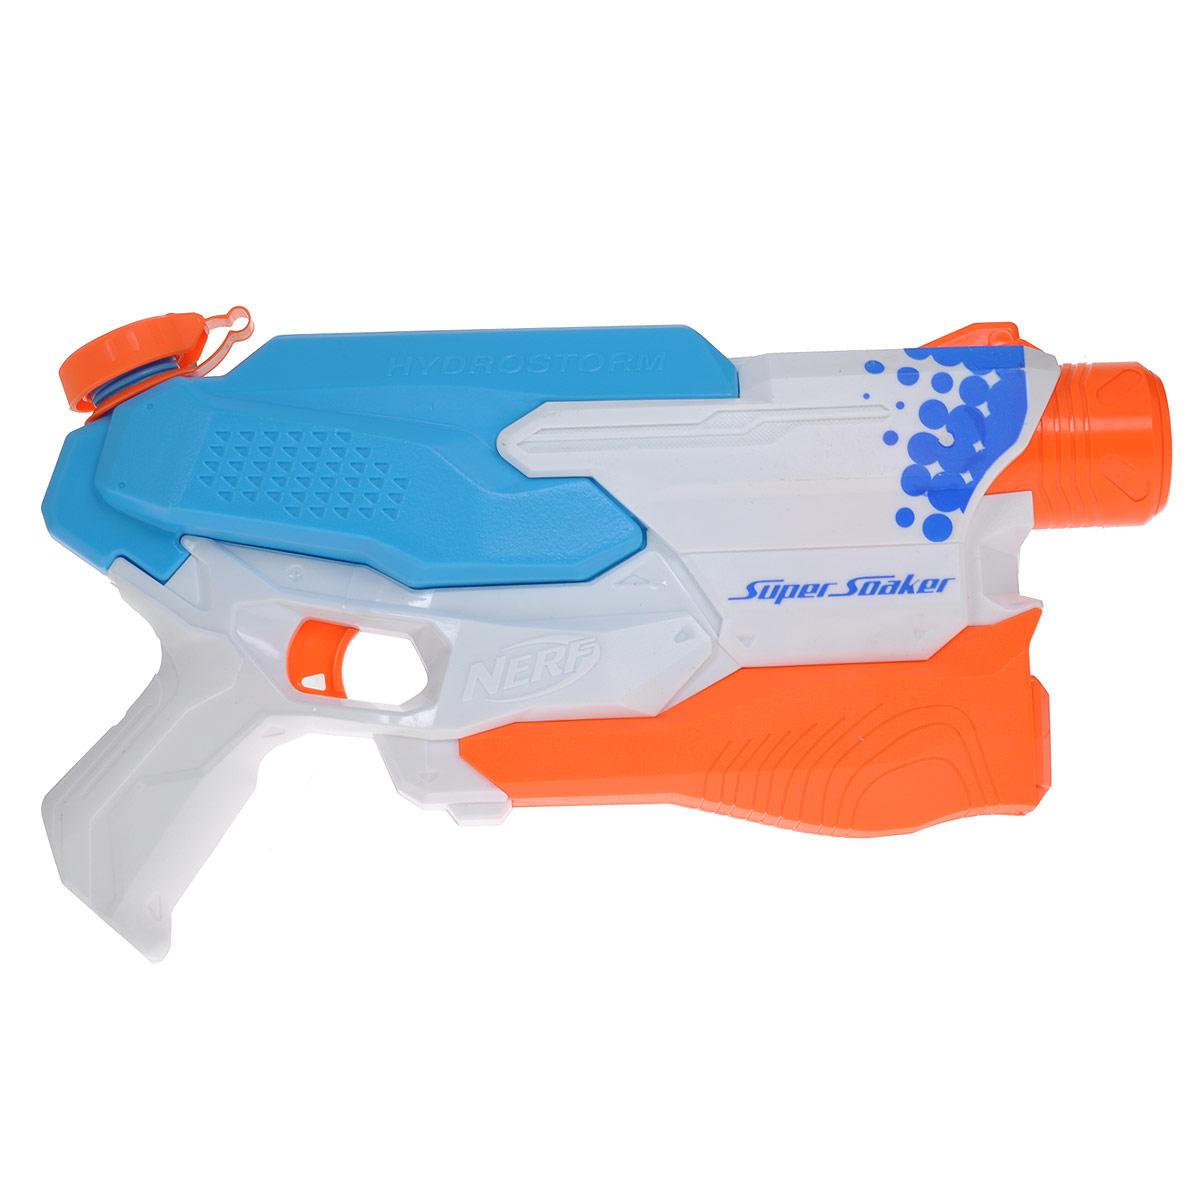 Nerf Водный бластер Super Soaker. Водяной Шторм, цвет: голубой, белыйA4841Водный бластер Nerf Super Soaker. Водяной Шторм станет отличным развлечением для детей в жаркую летнюю погоду. Этот яркий бластер, исключающий накачку воды, очень прост в использовании: залейте воду в резервуар, нажмите на курок, и он начнет стрелять струей воды. Резервуар подходит для кубиков льда. Порази своих соперников, выстрелив ледяной водой! Характеристики: Размер бластера (ДхШхВ): 34 см х 20 см х 6 см. Дальность выстрела: от 9 м. Объем емкости: 0,72 л. Размер упаковки (ДхШхВ): 35 см х 22,5 см х 7 см. Бластер работает от 6 батареек напряжением 1,5V типа AA (не входят в комплект).